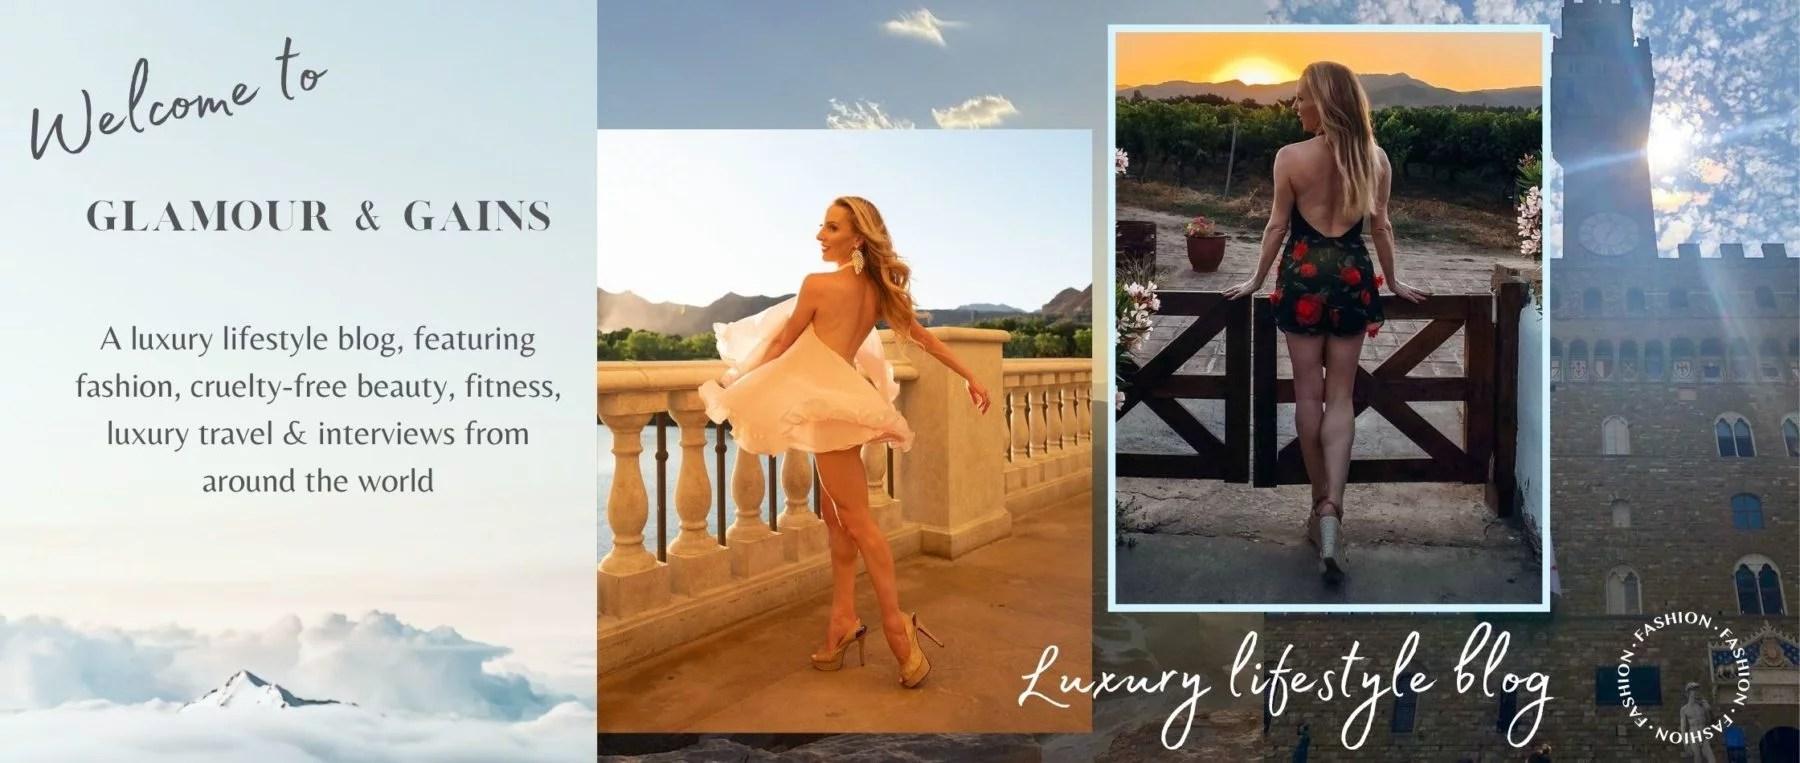 Luxury Lifestyle Blog Glamour Gains Fashion Blogger Eve Dawes